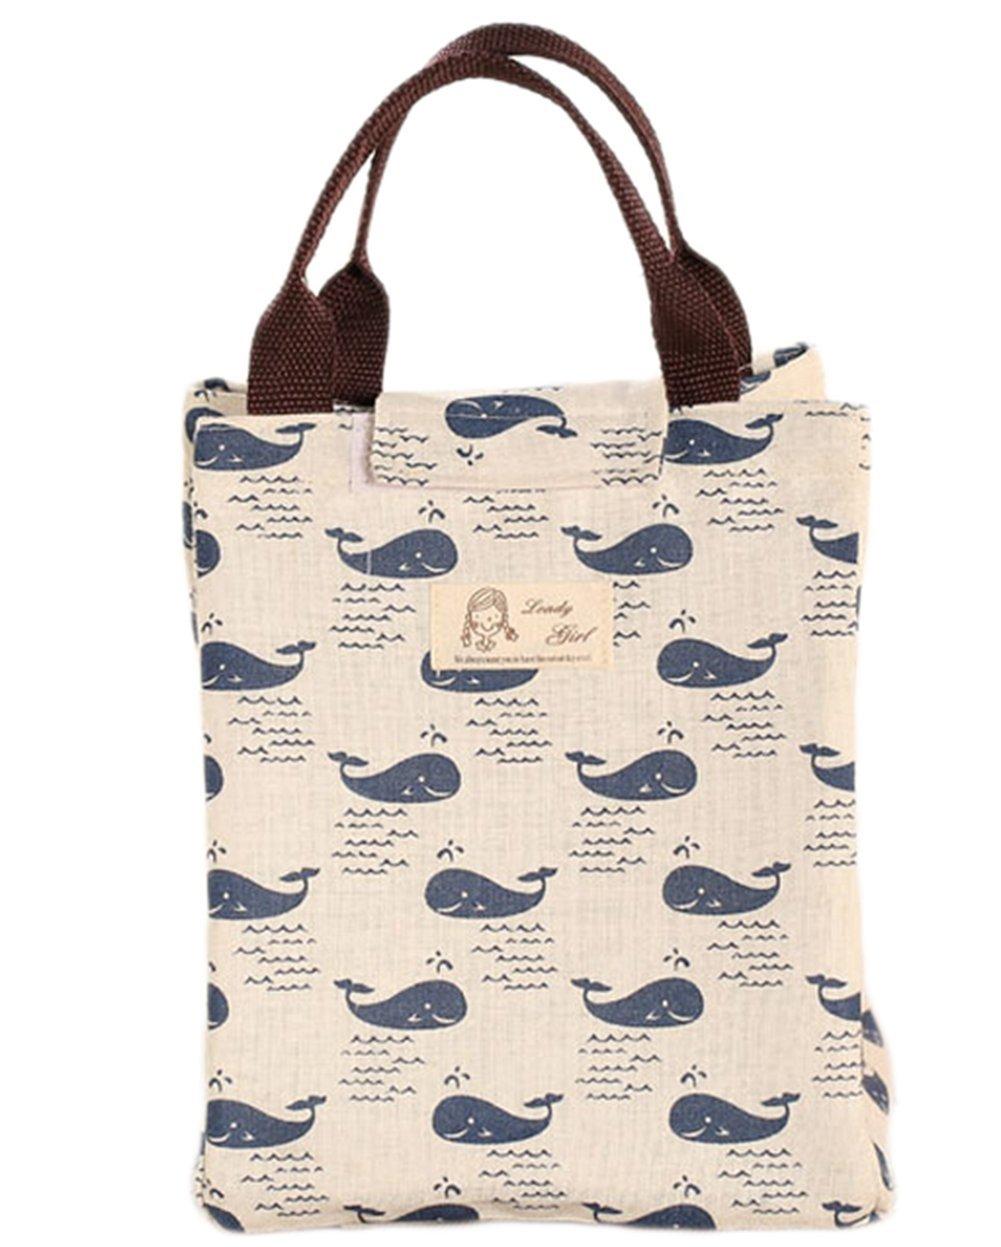 toruiwa Borsa Termica Pranzo Portatile Pieghevole sacs-repas impermeabile per picnic, Viaggio, ufficio e a l' ecole ufficio e a l' ecole